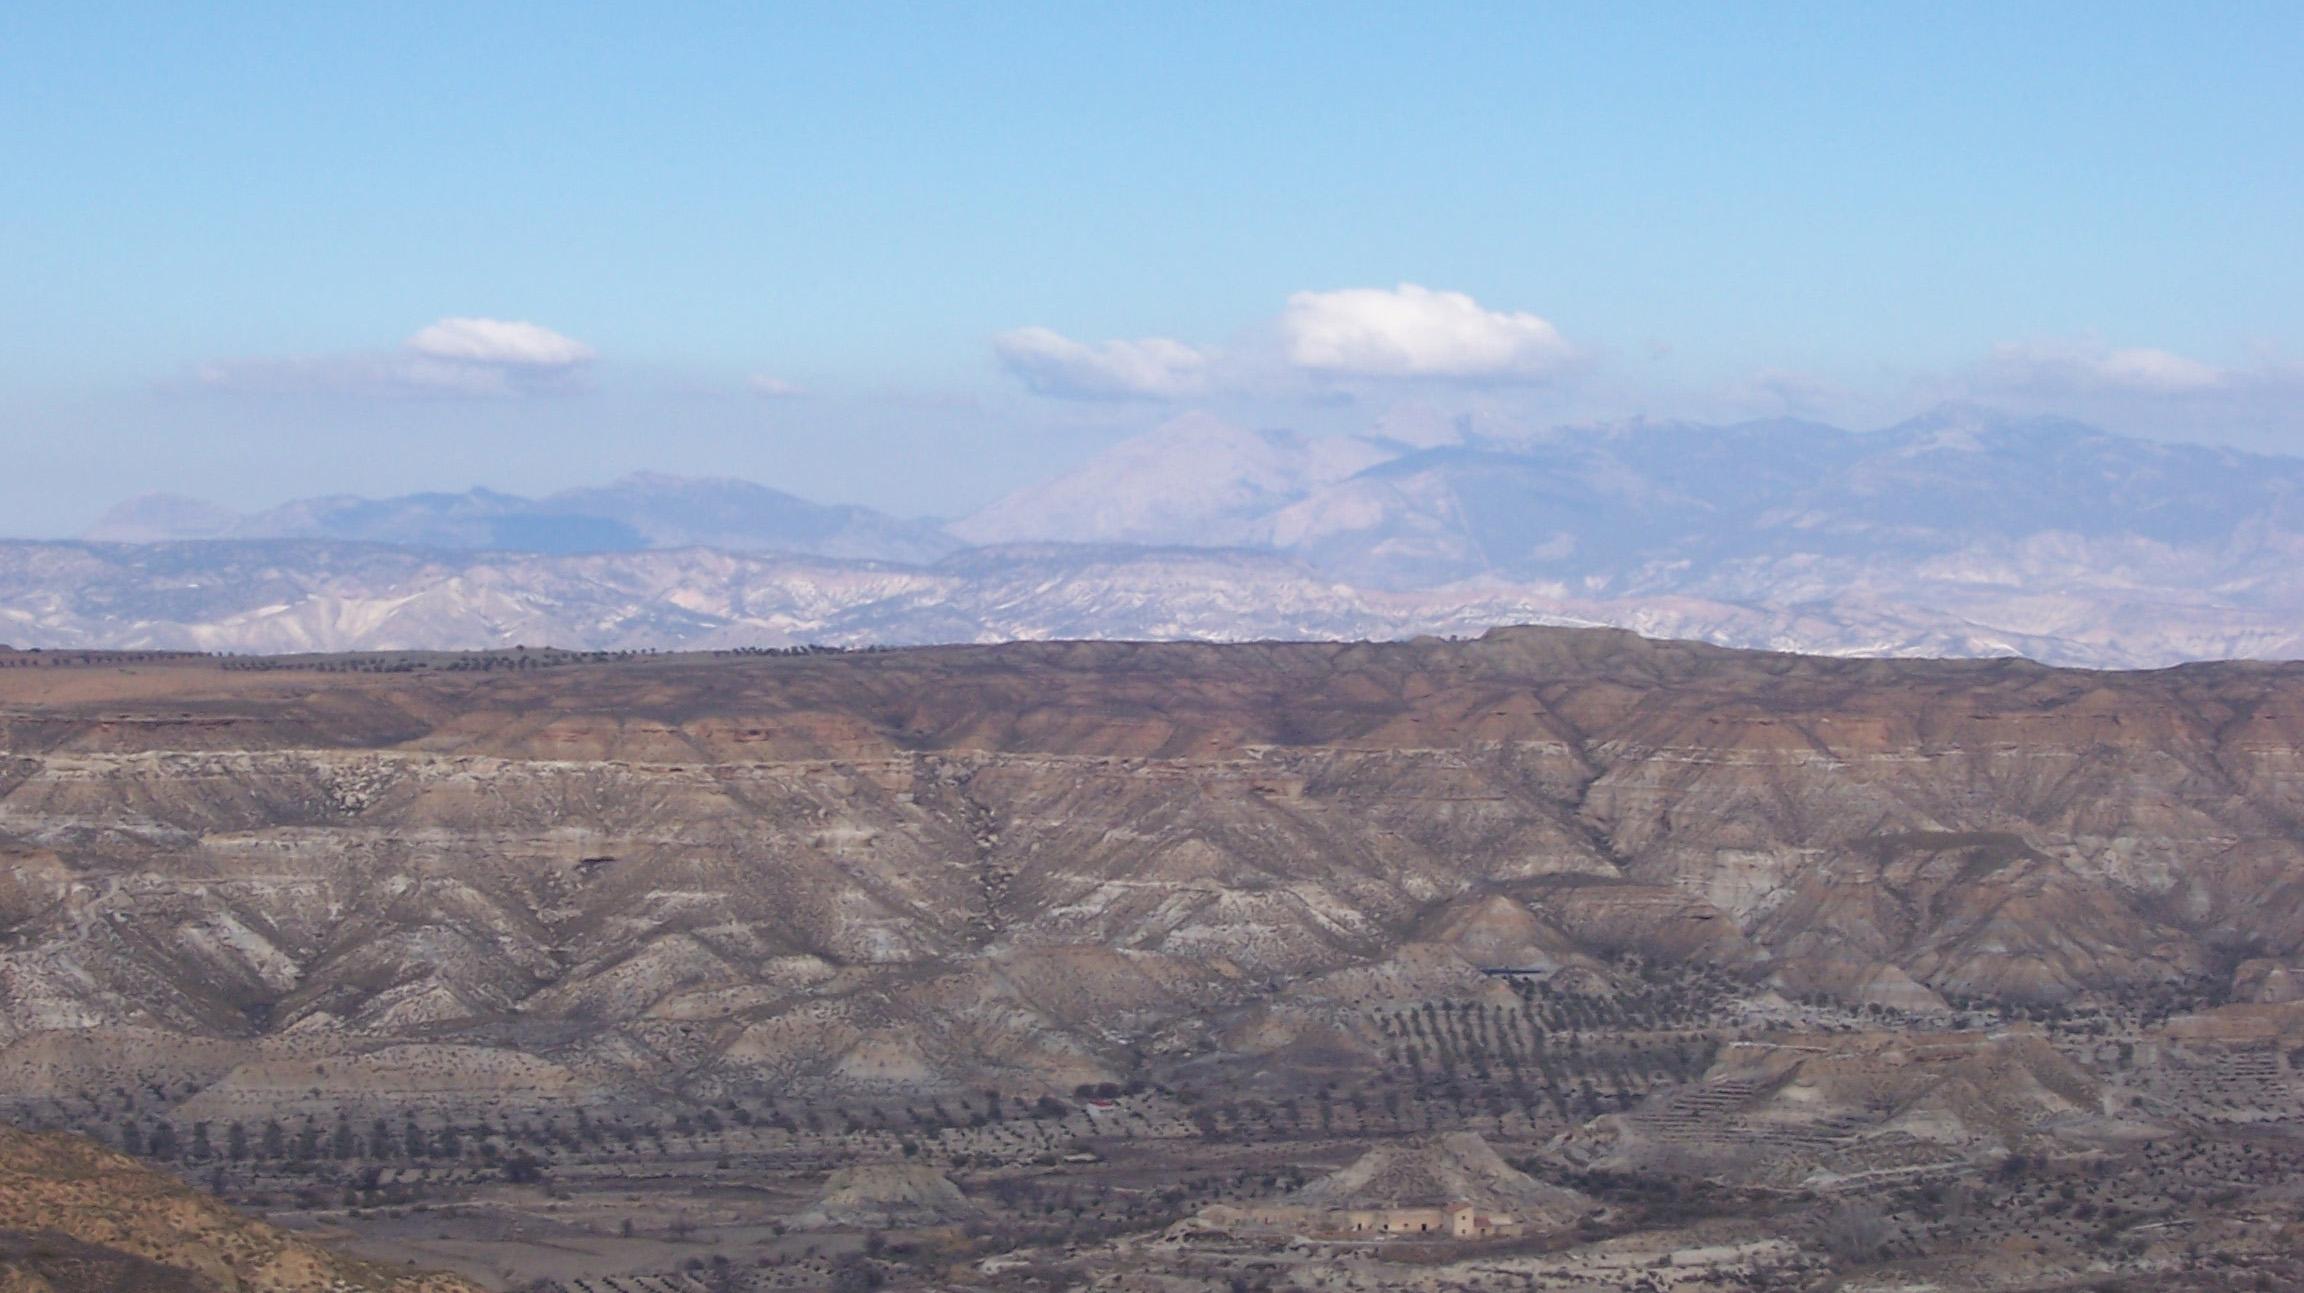 Depiction of Desierto de Tabernas